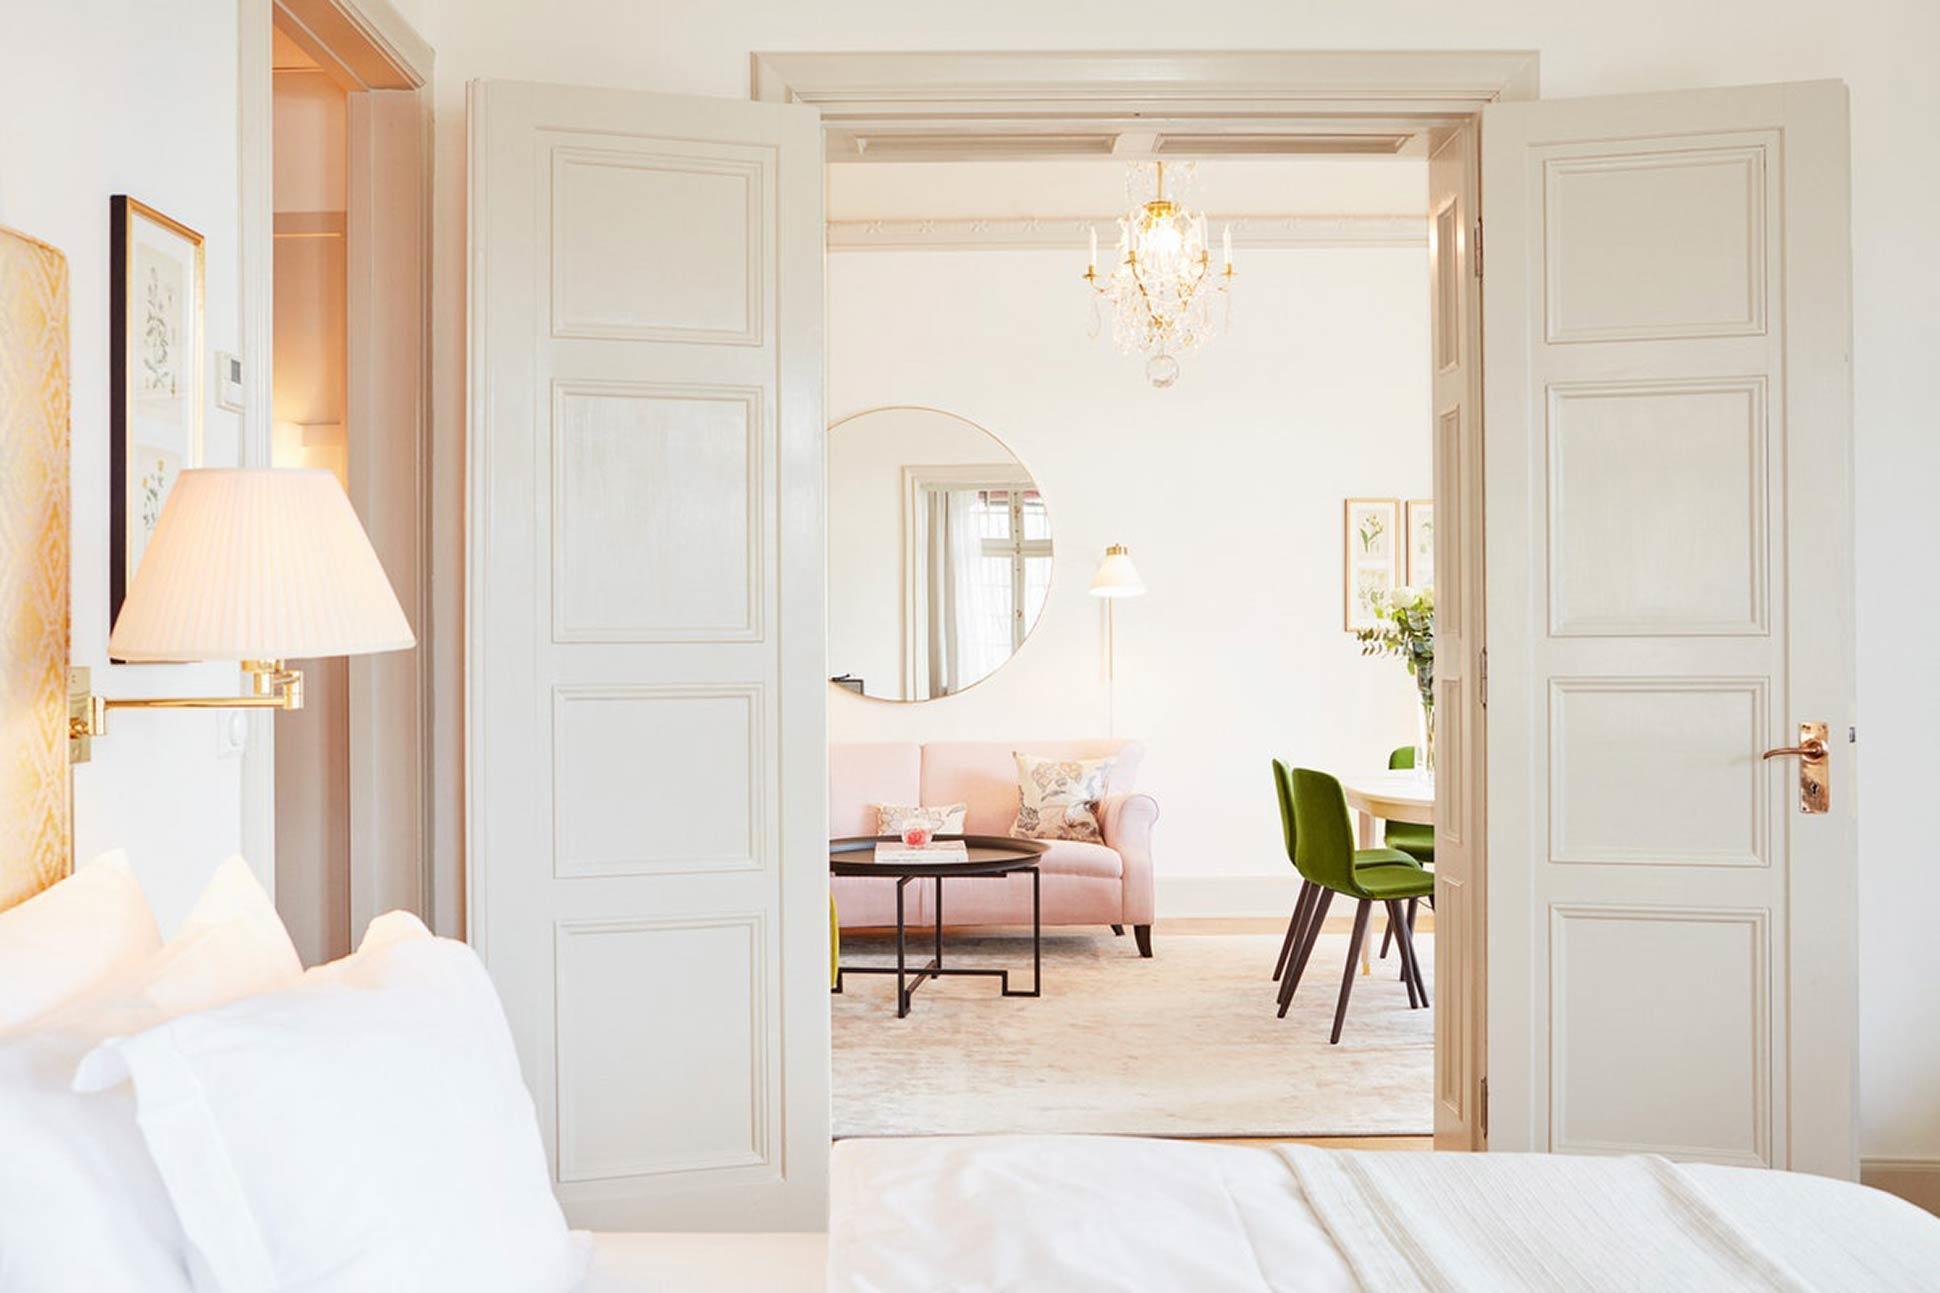 Hotel Diplomat <br> Stockholm, Sweden